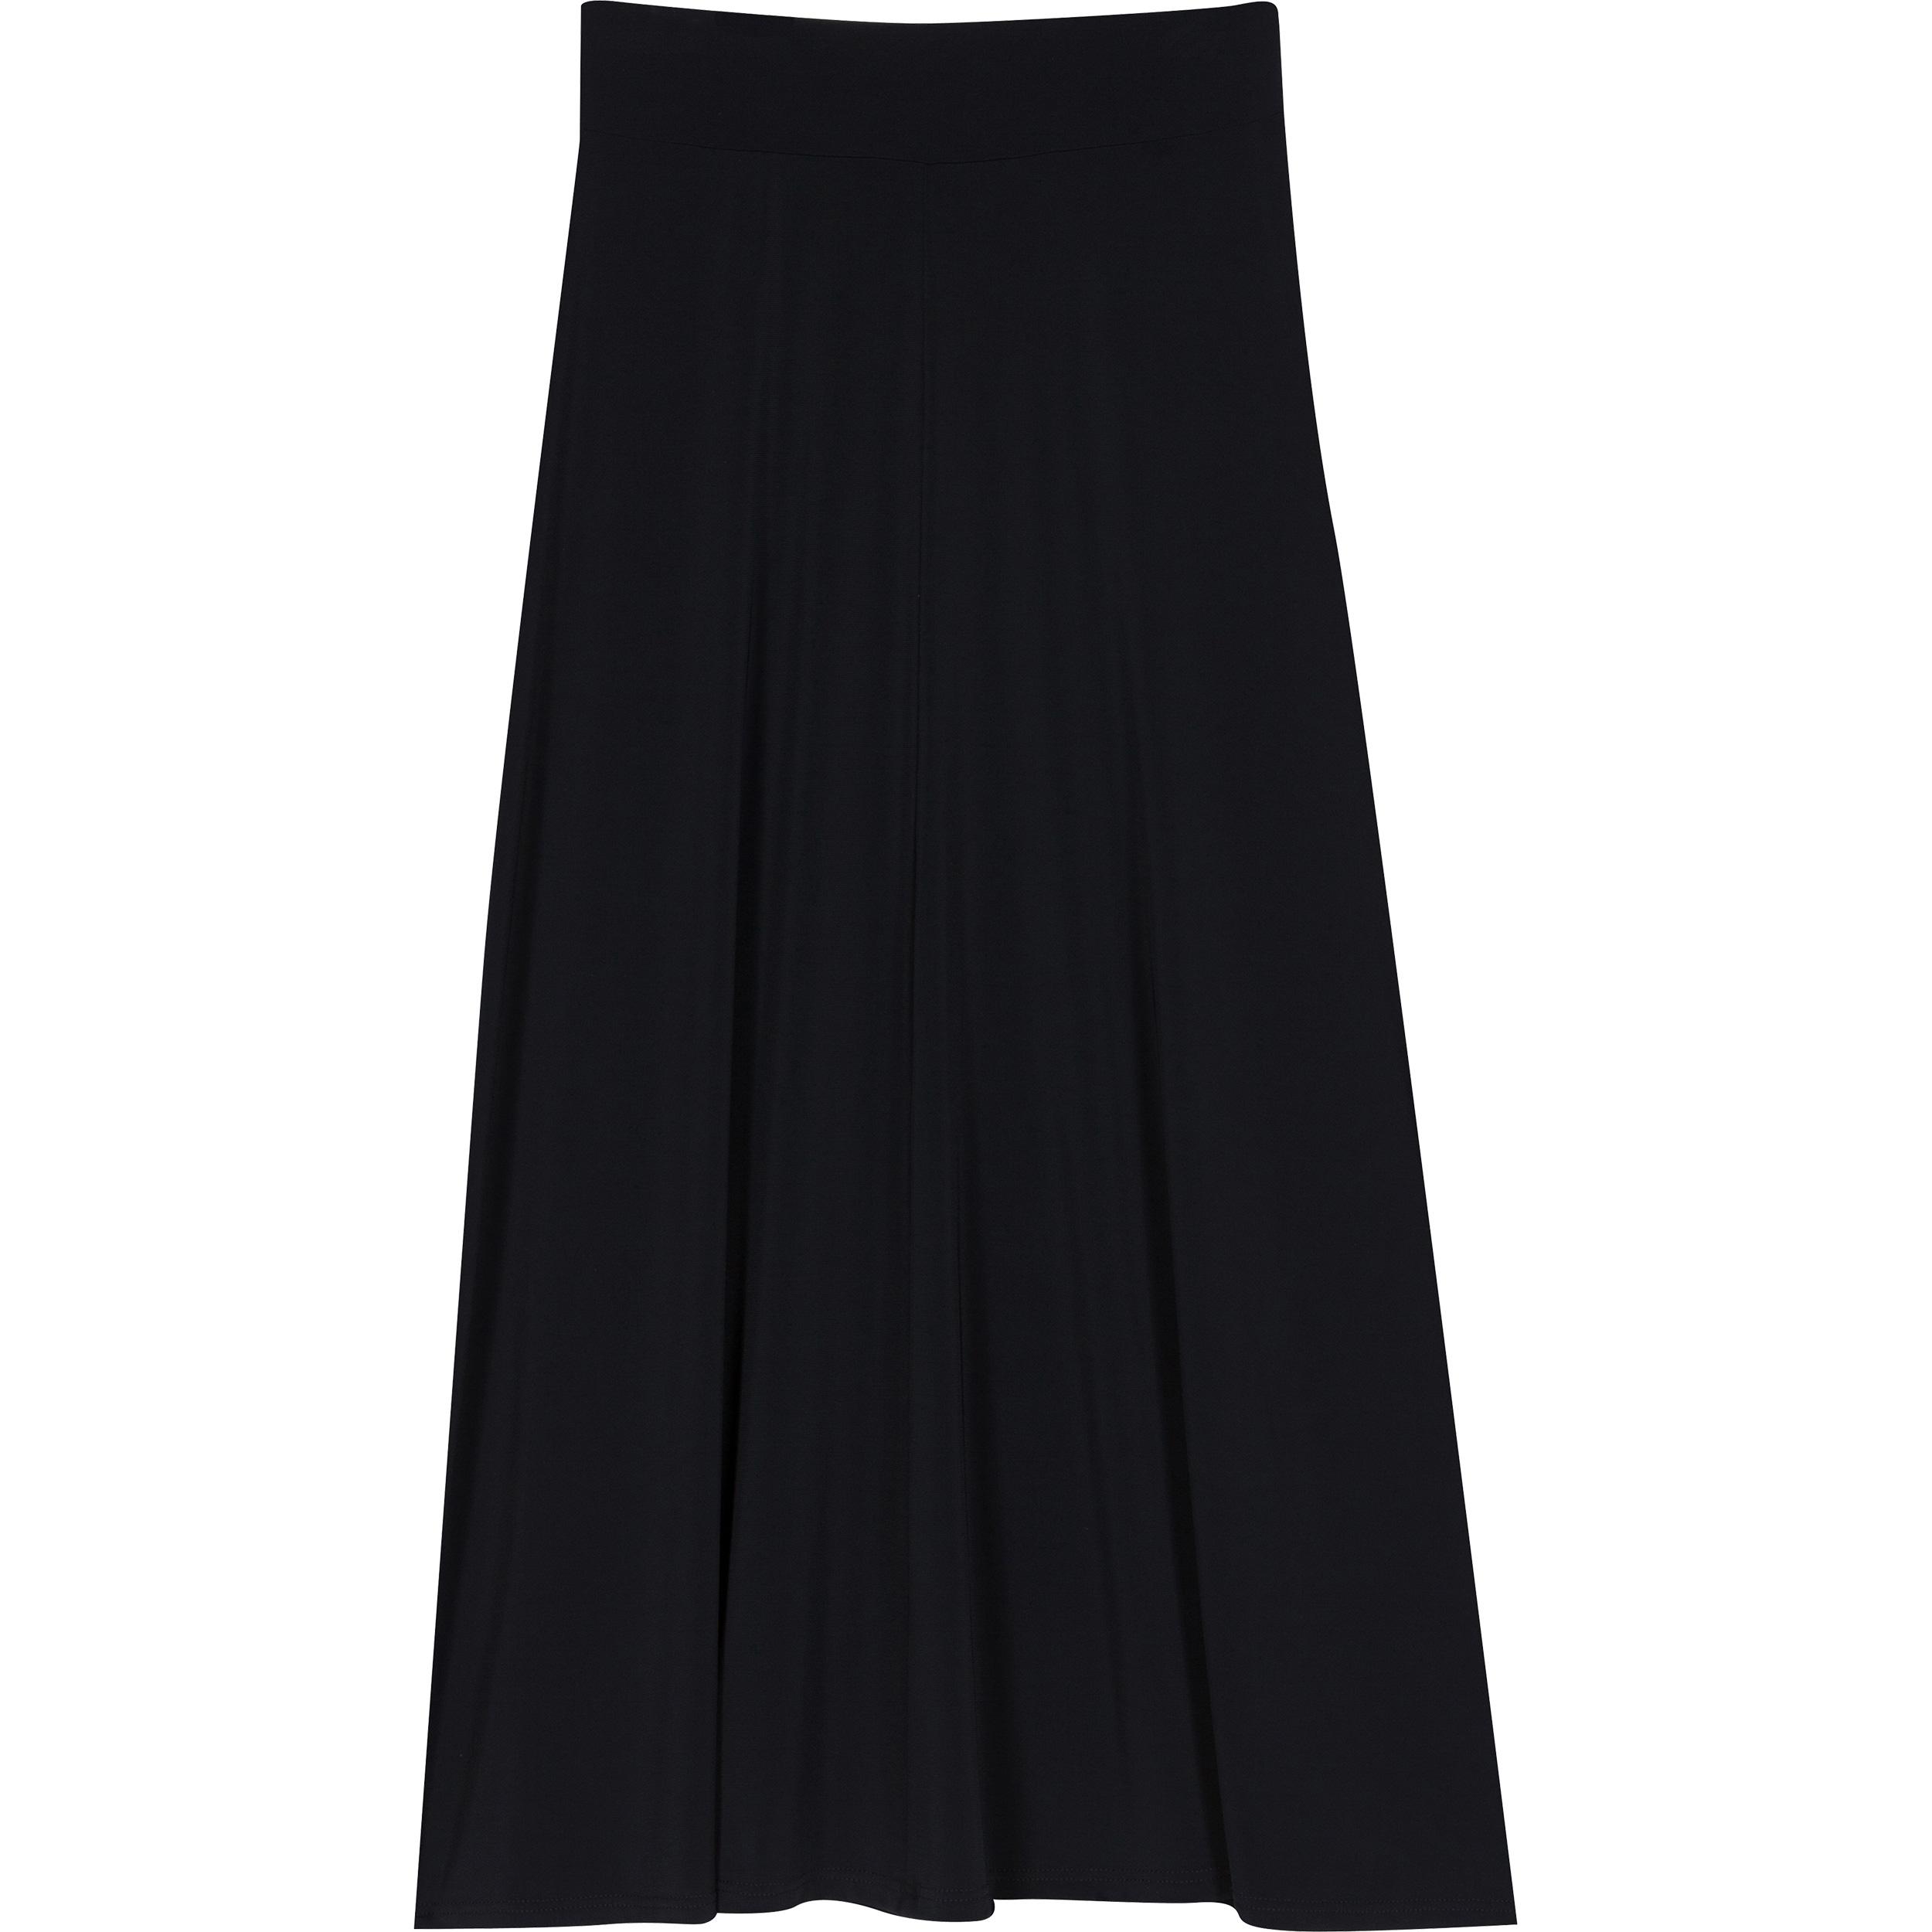 Agnès b. Black Long Skirt Brazil in Black | Lyst